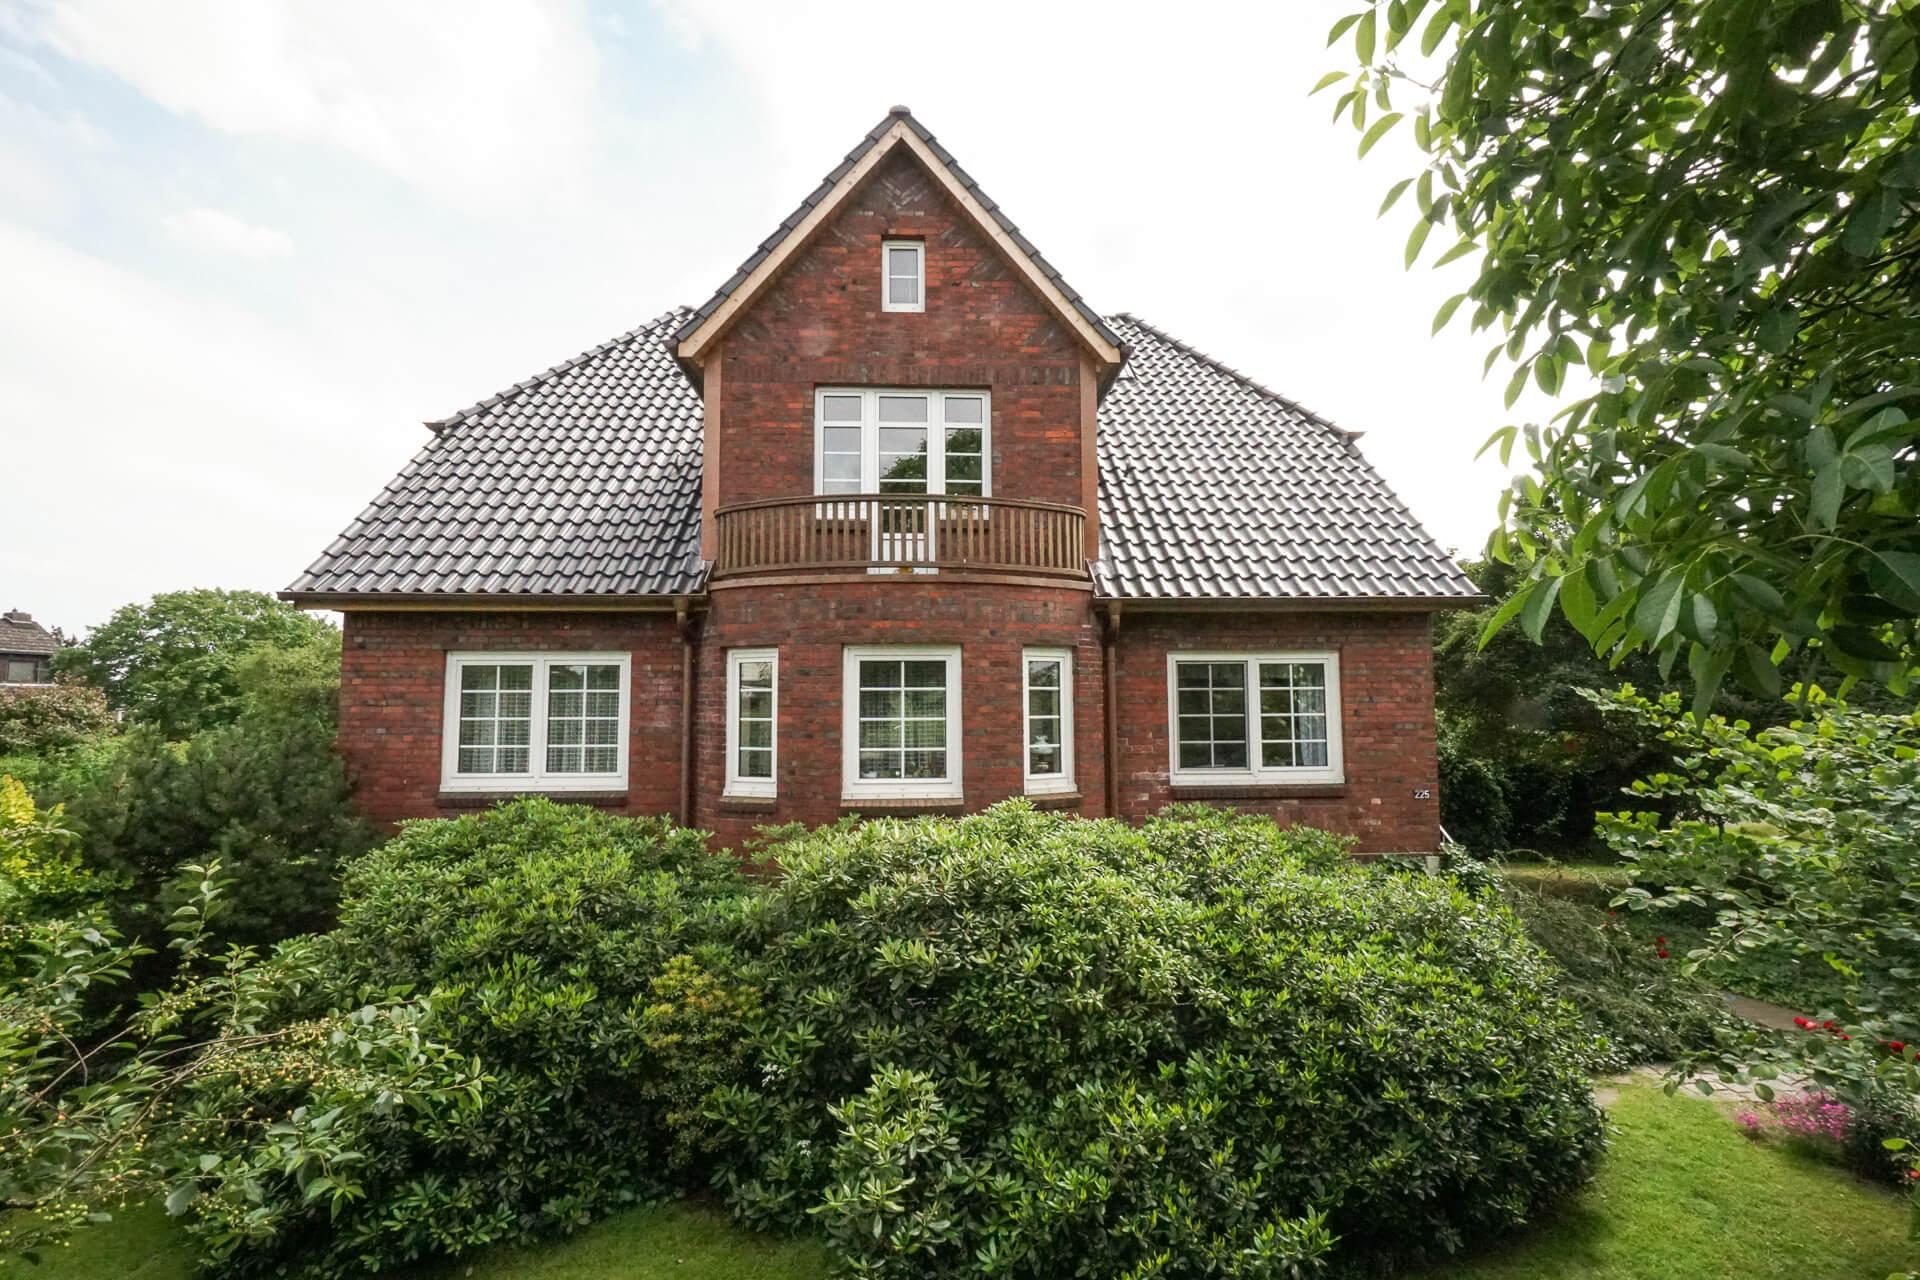 Foto Ryan Baugestaltung Anbau Francop Rueckansicht Backsteinhaus mit Giebel